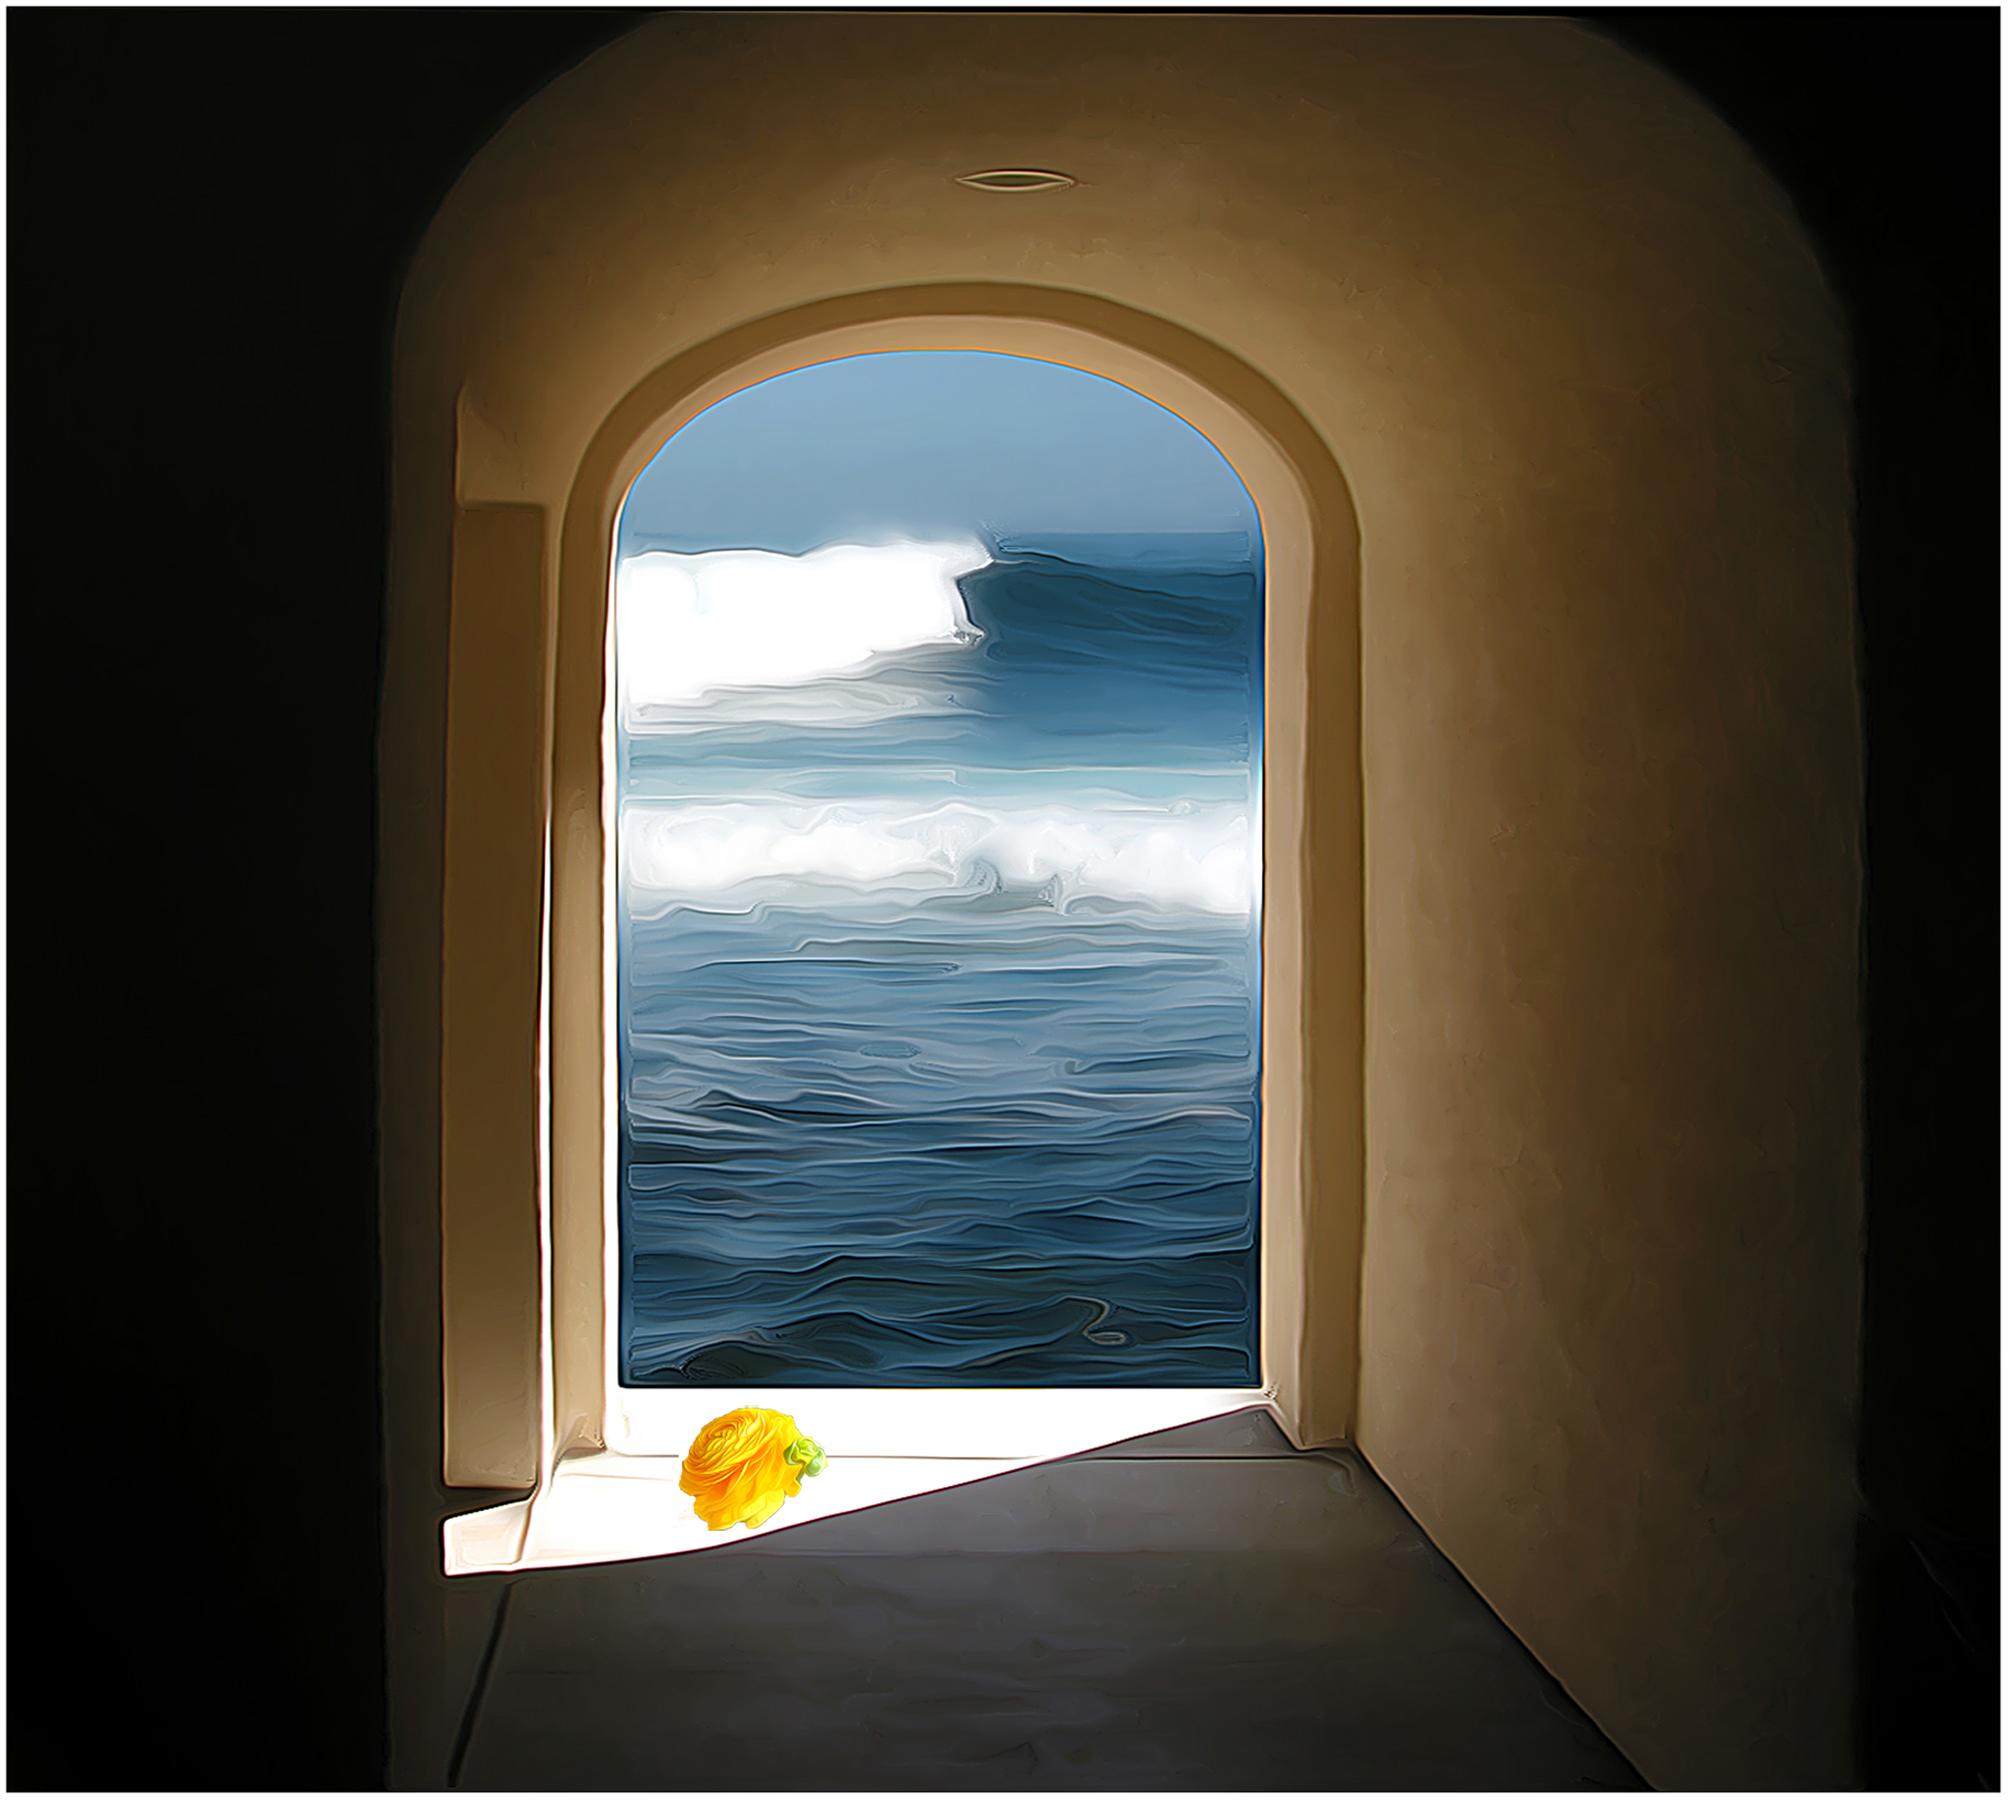 Hintergrundbilder : Fenster, Himmel, Bilderrahmen, Bogen, Tageslicht ...